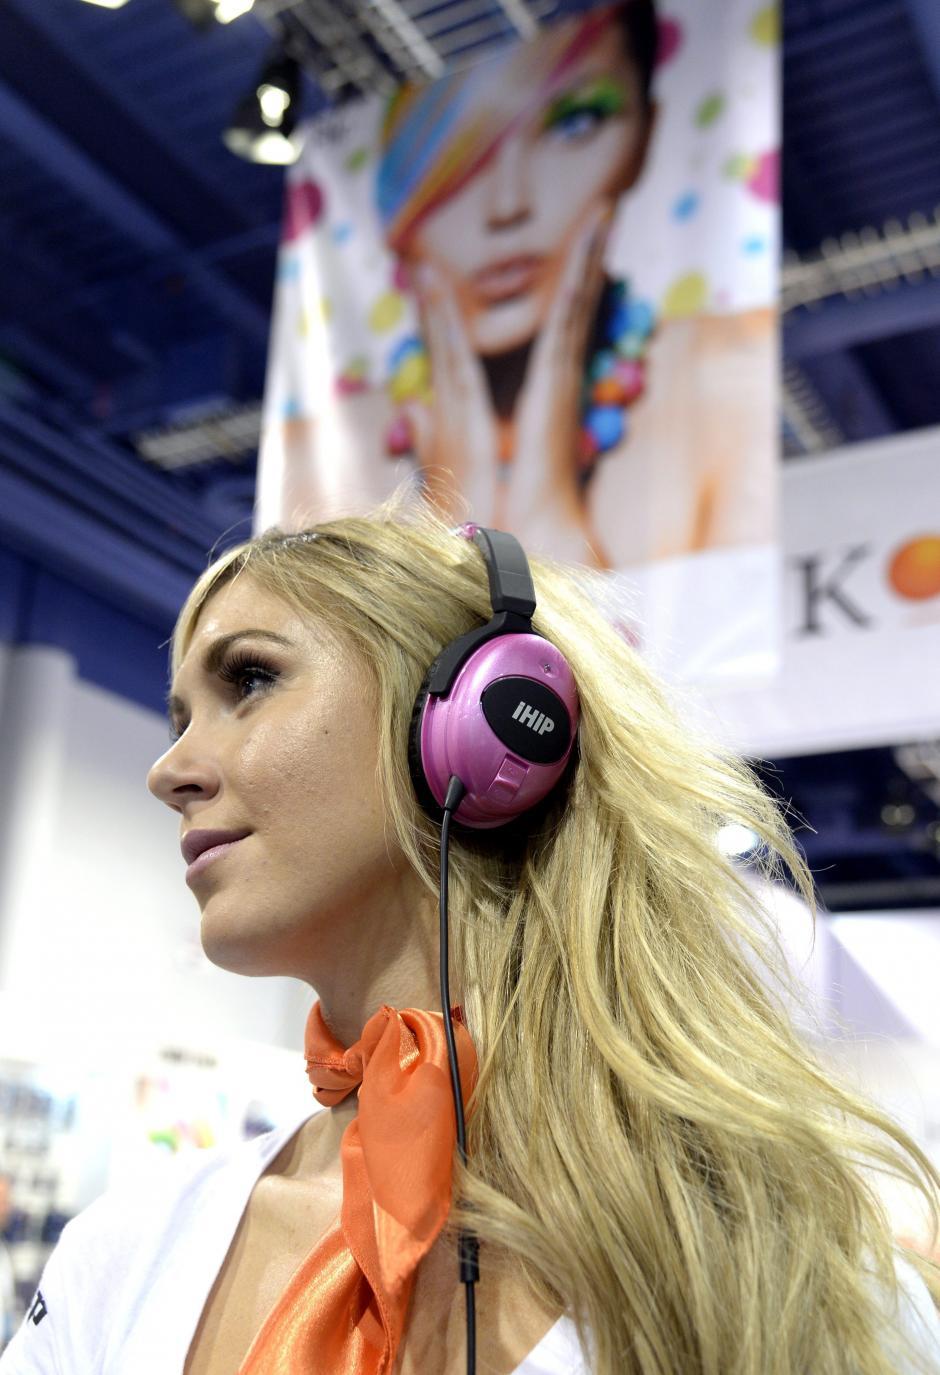 Una mujer utiliza los auriculares iHip en la Feria Internacional CES. (Foto: EFE/Michael Nelson)